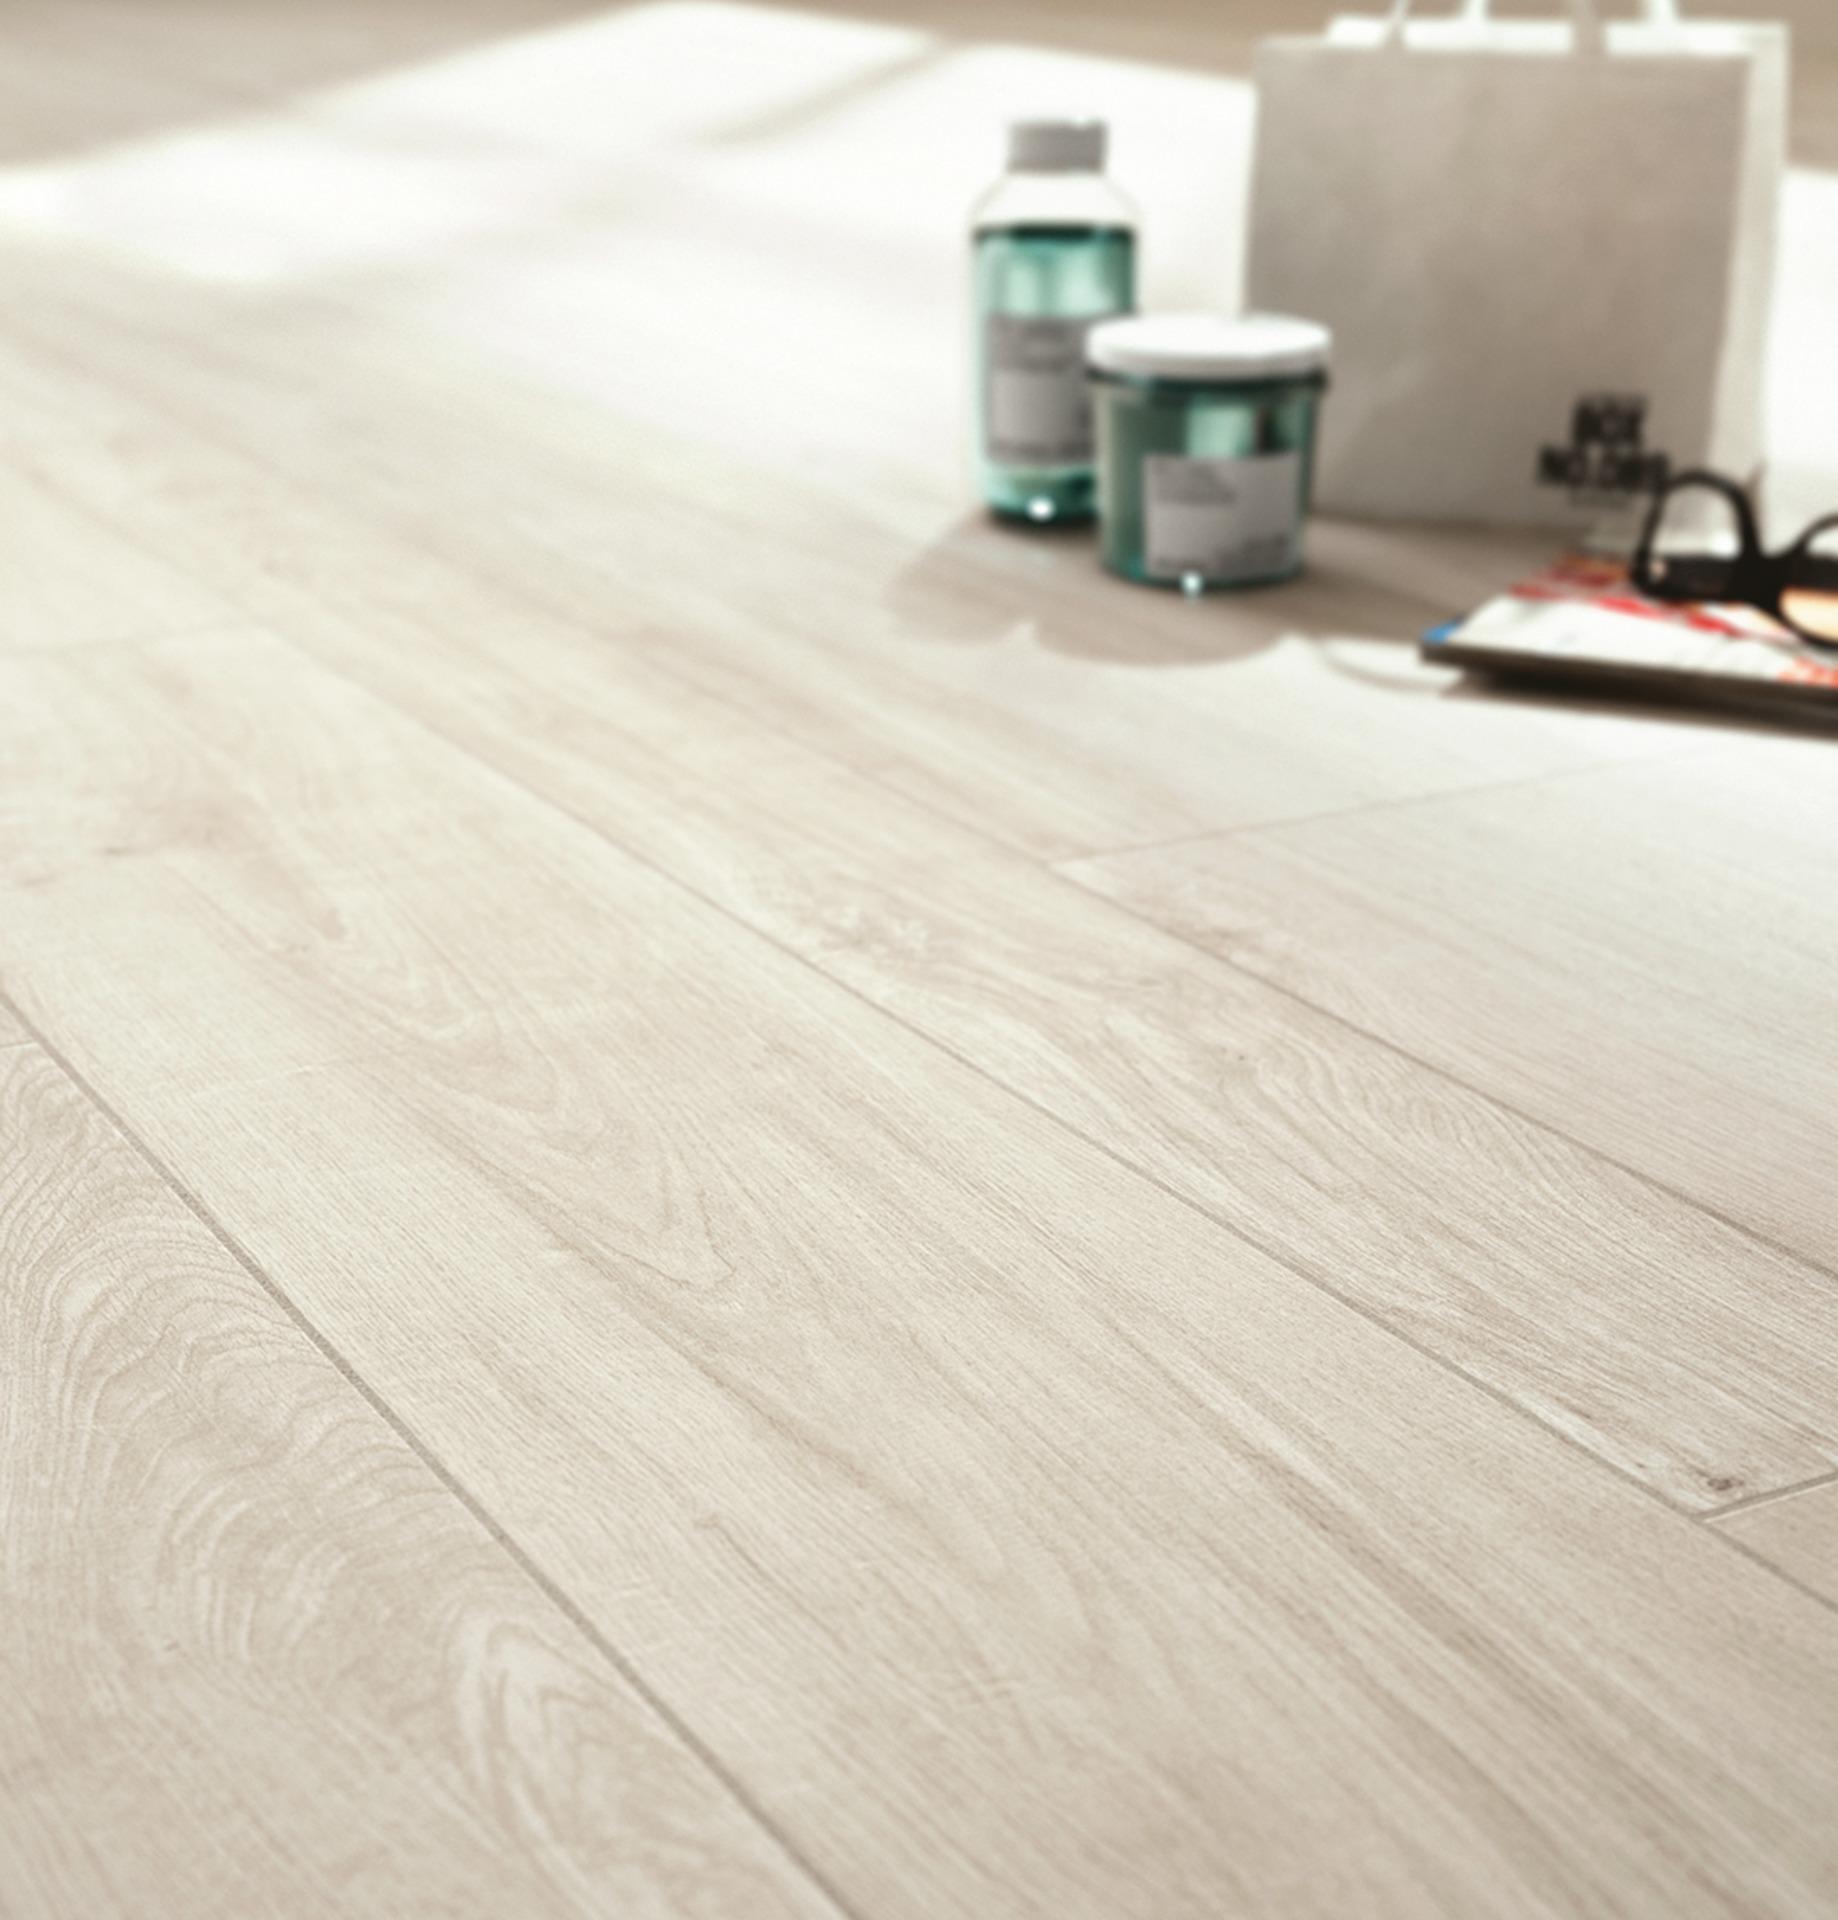 Gres Porcellanato Rovere Sbiancato Prezzo collezione woodliving: rivestimenti in gres effetto legno